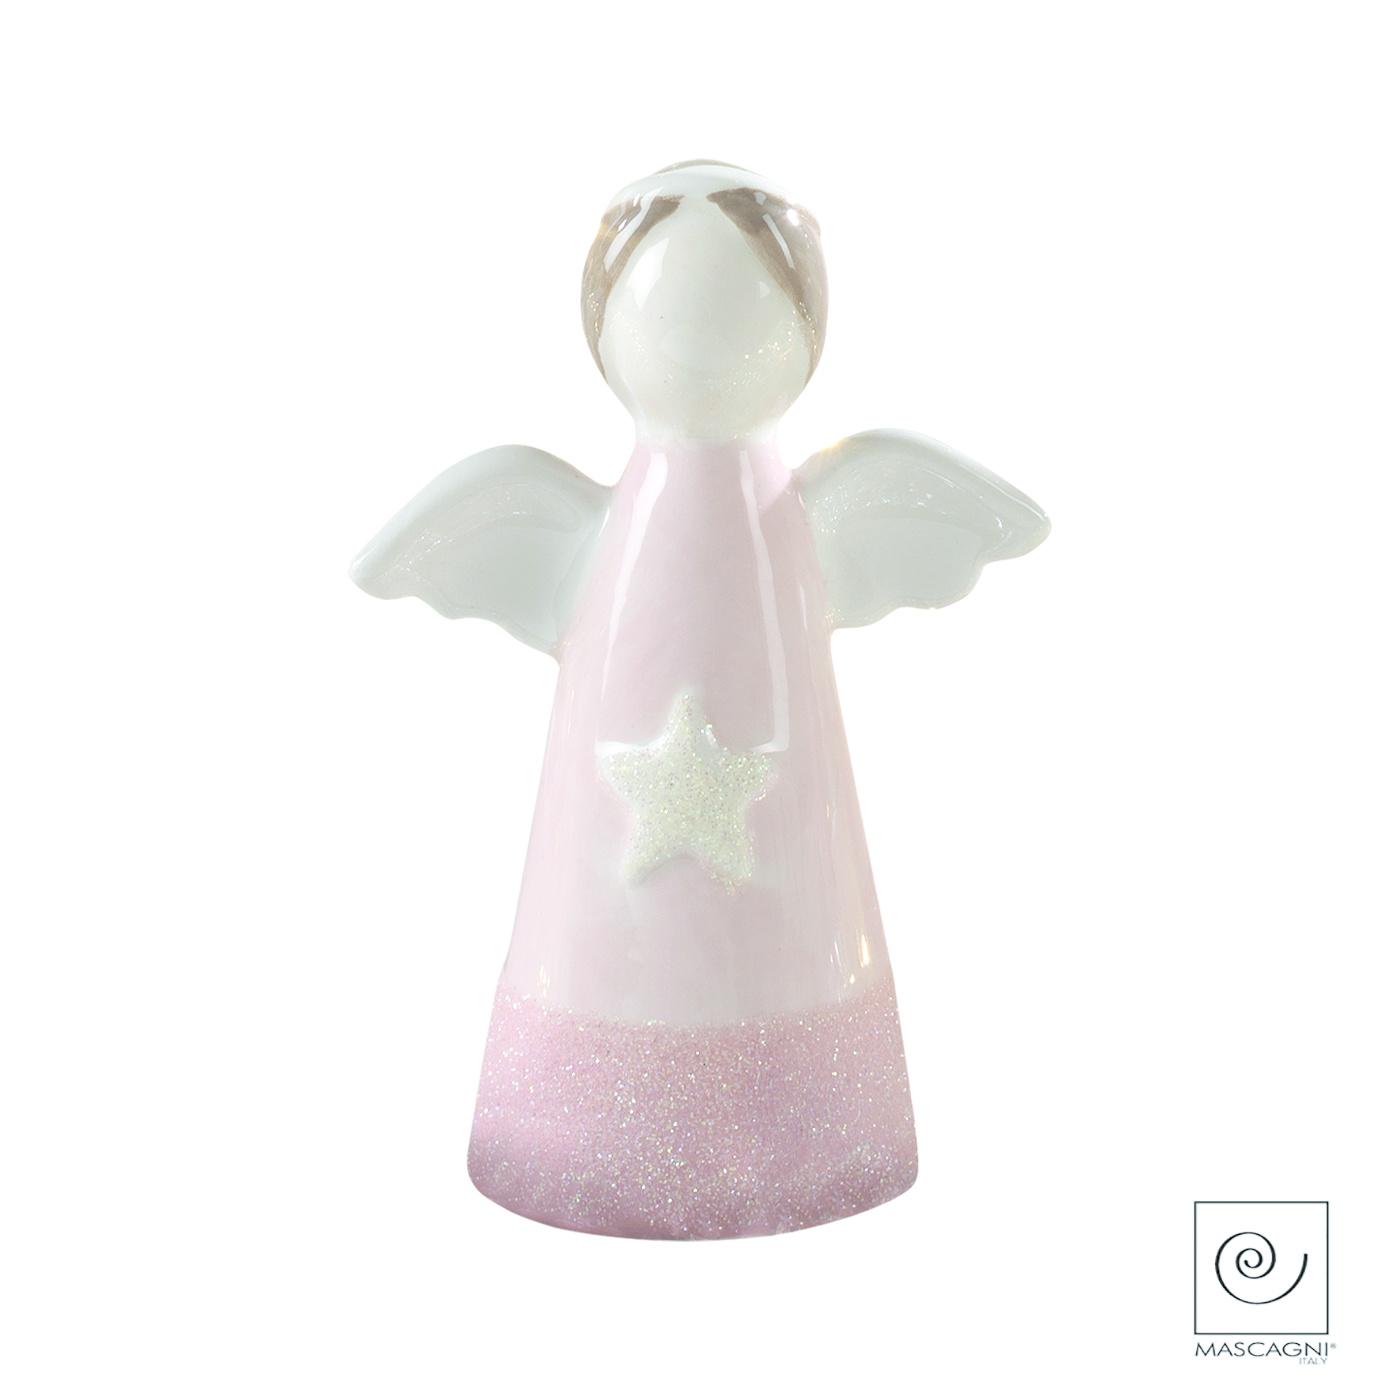 Art Mascagni SET 6 ANGEL CM.14